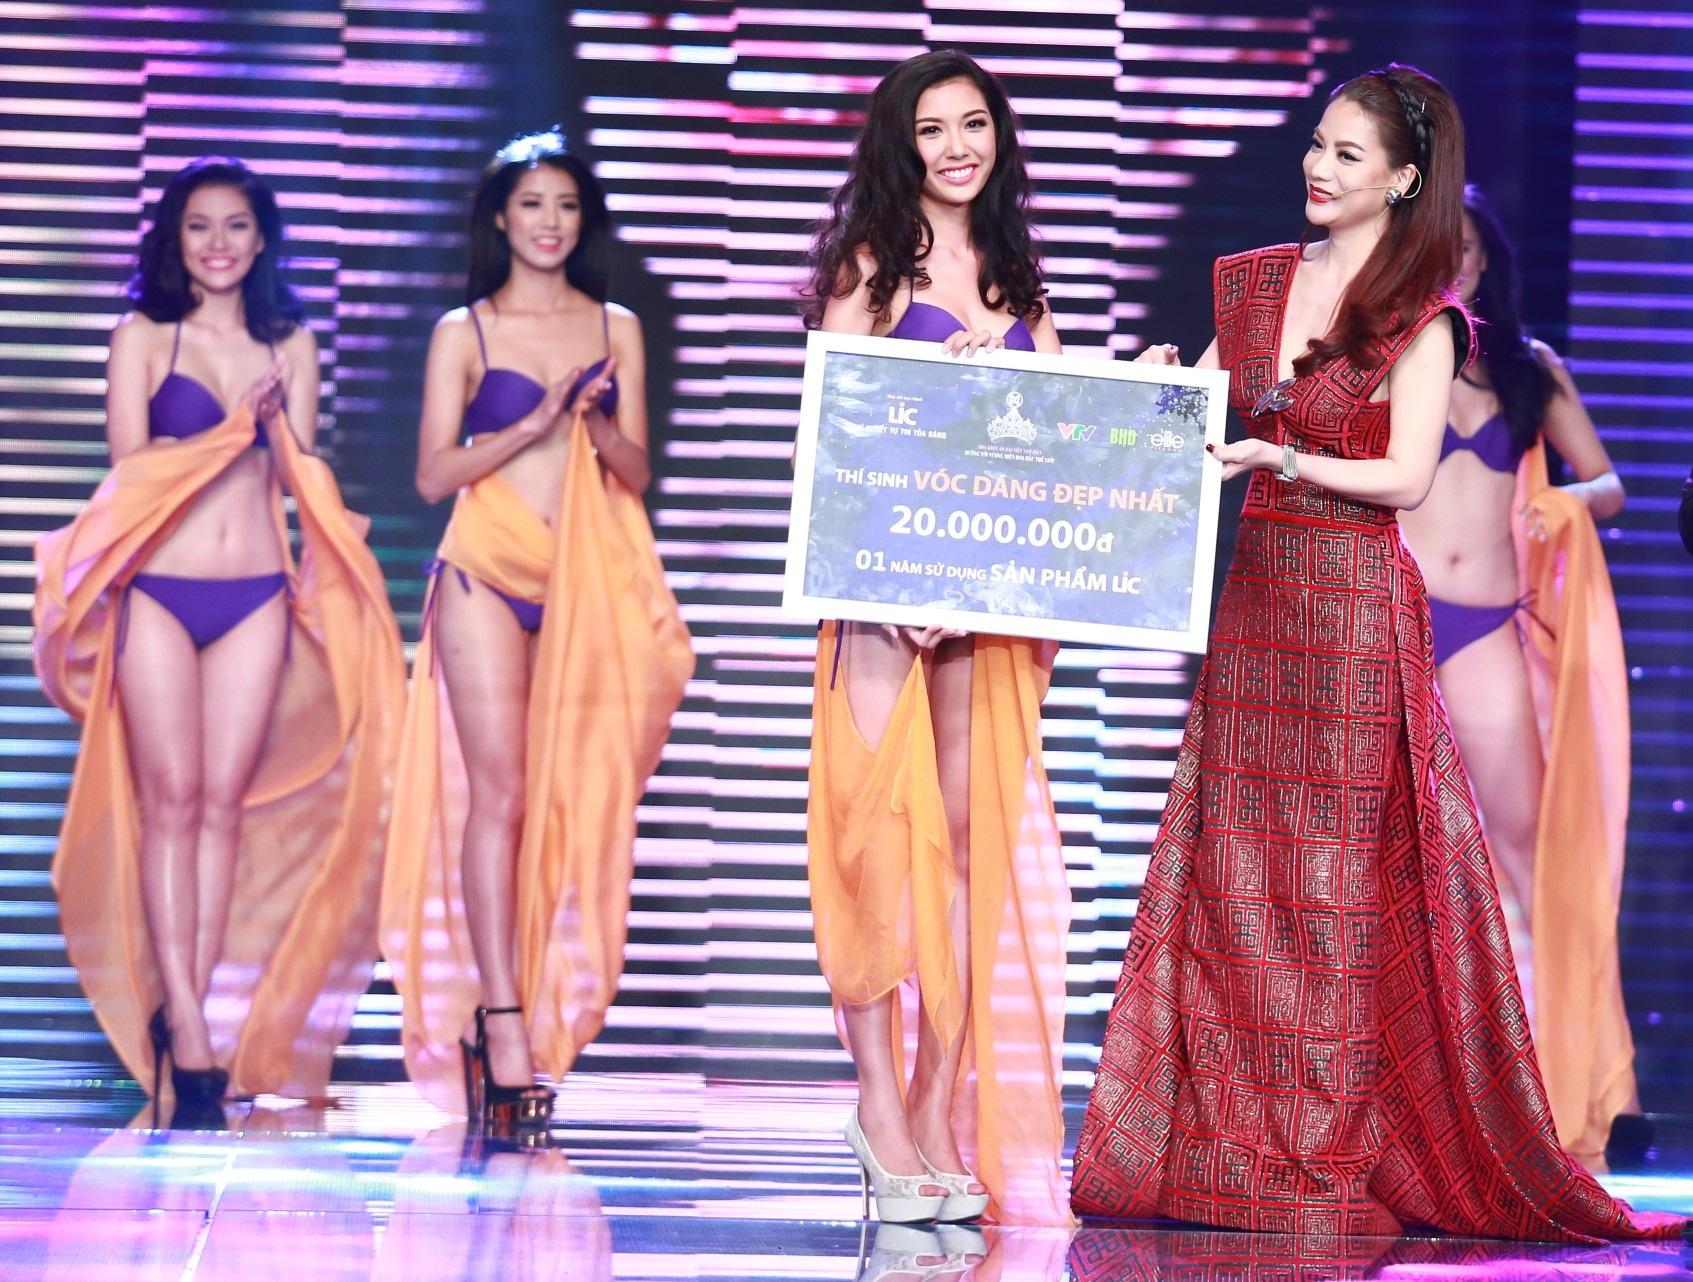 Phạm Hồng Thúy Vân biểu diễn tự tin trong đêm chung kết giành giải thí sinh cải thiện vóc dáng tốt